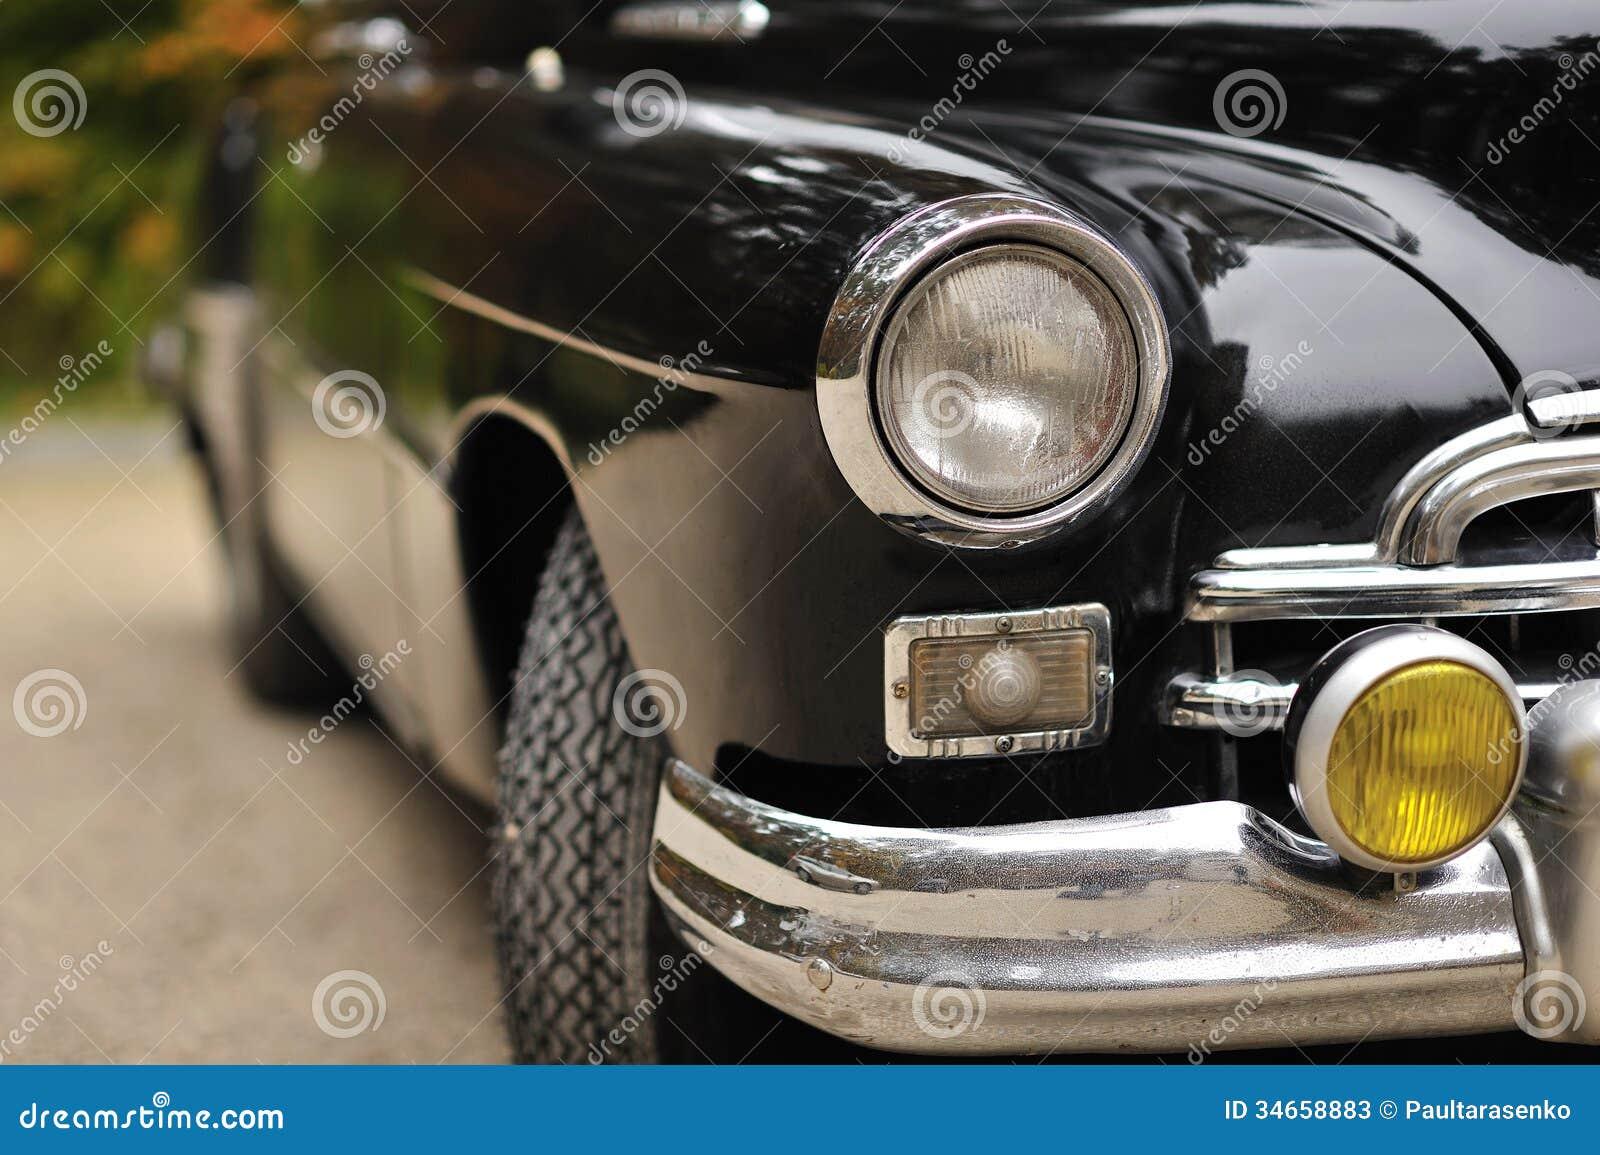 vieux phare automobile d 39 une voiture de vintage photos stock image 34658883. Black Bedroom Furniture Sets. Home Design Ideas